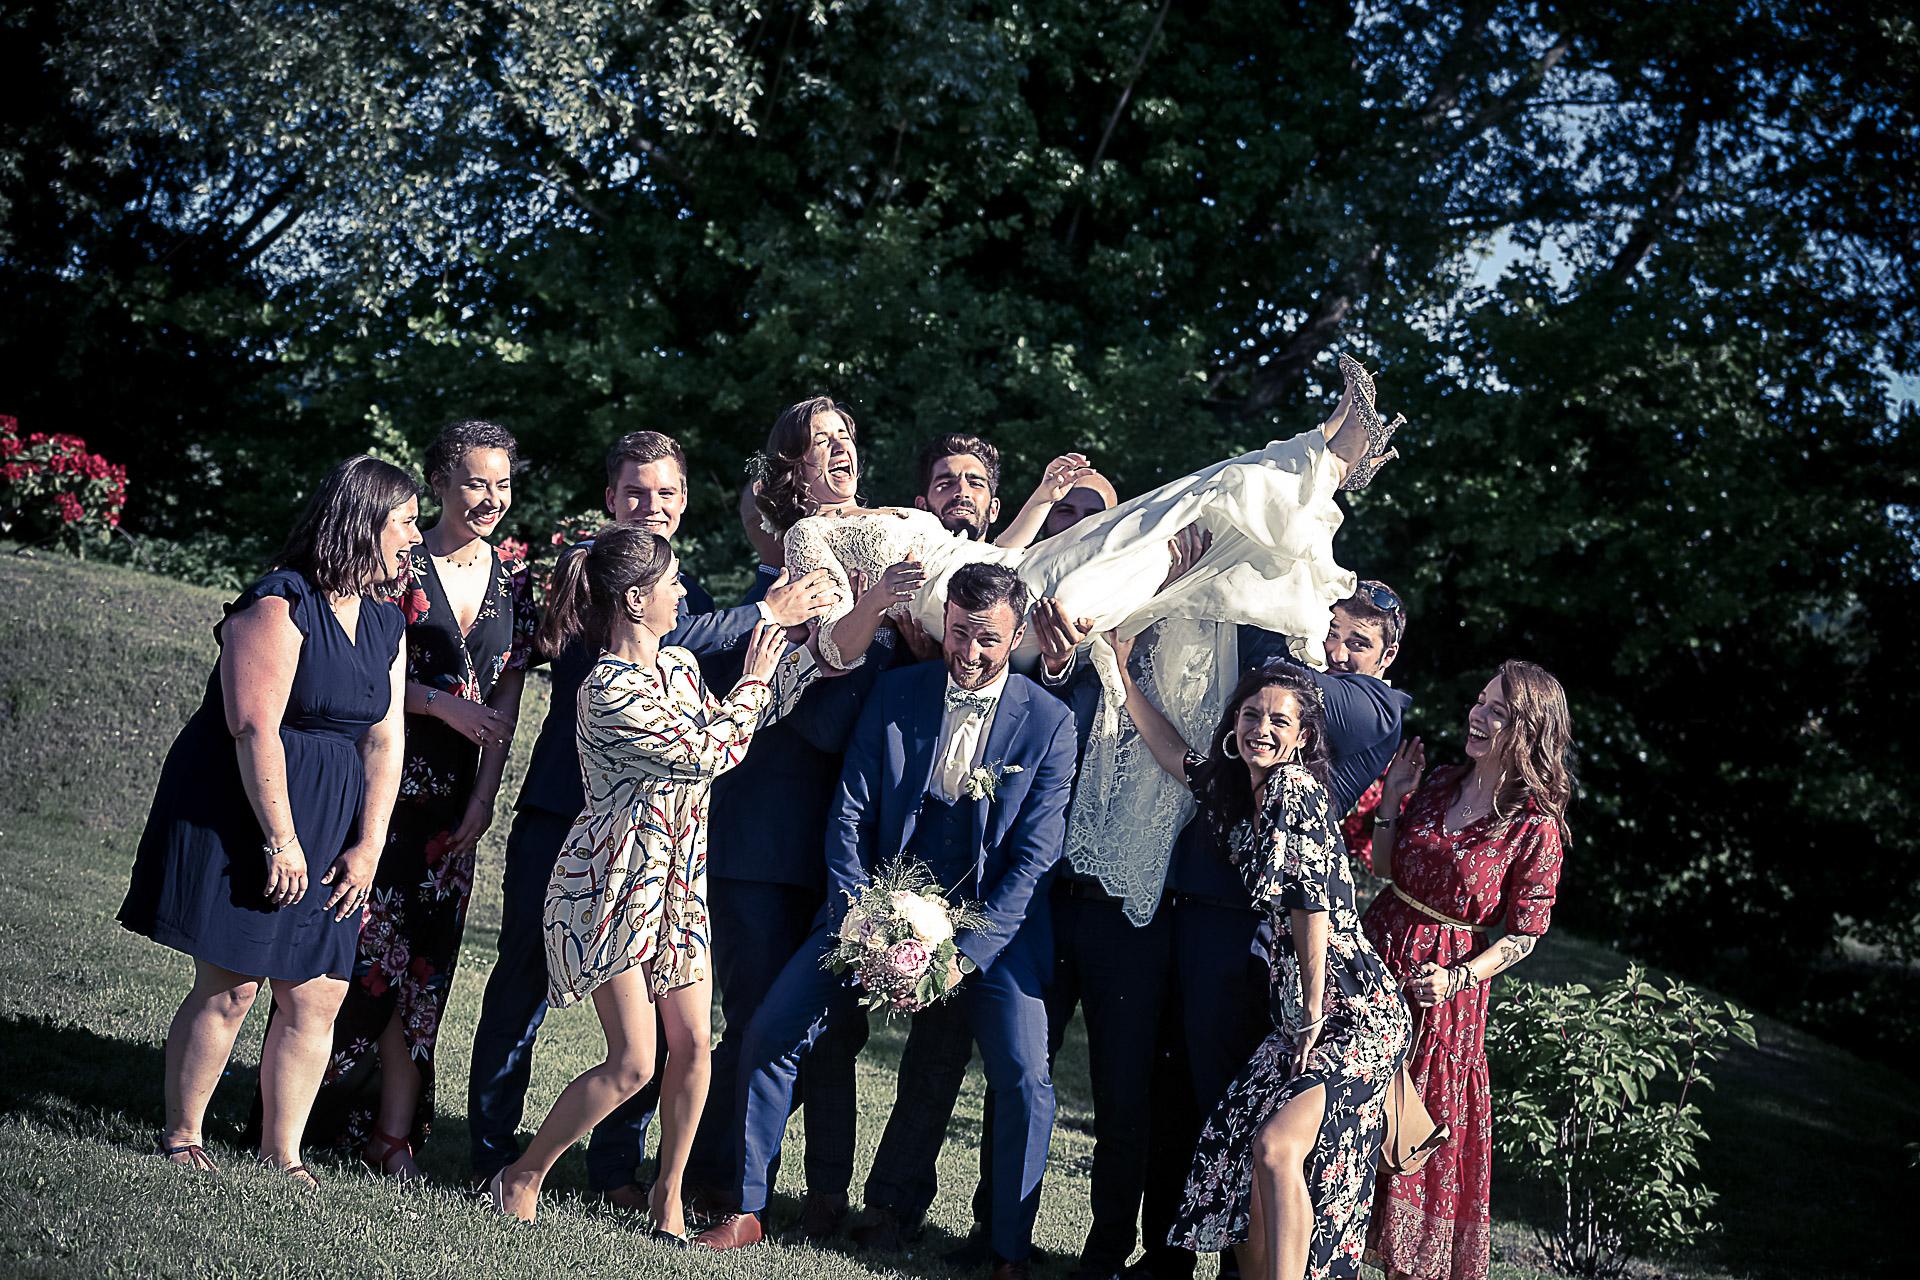 photographe-mariage-groupe-maries